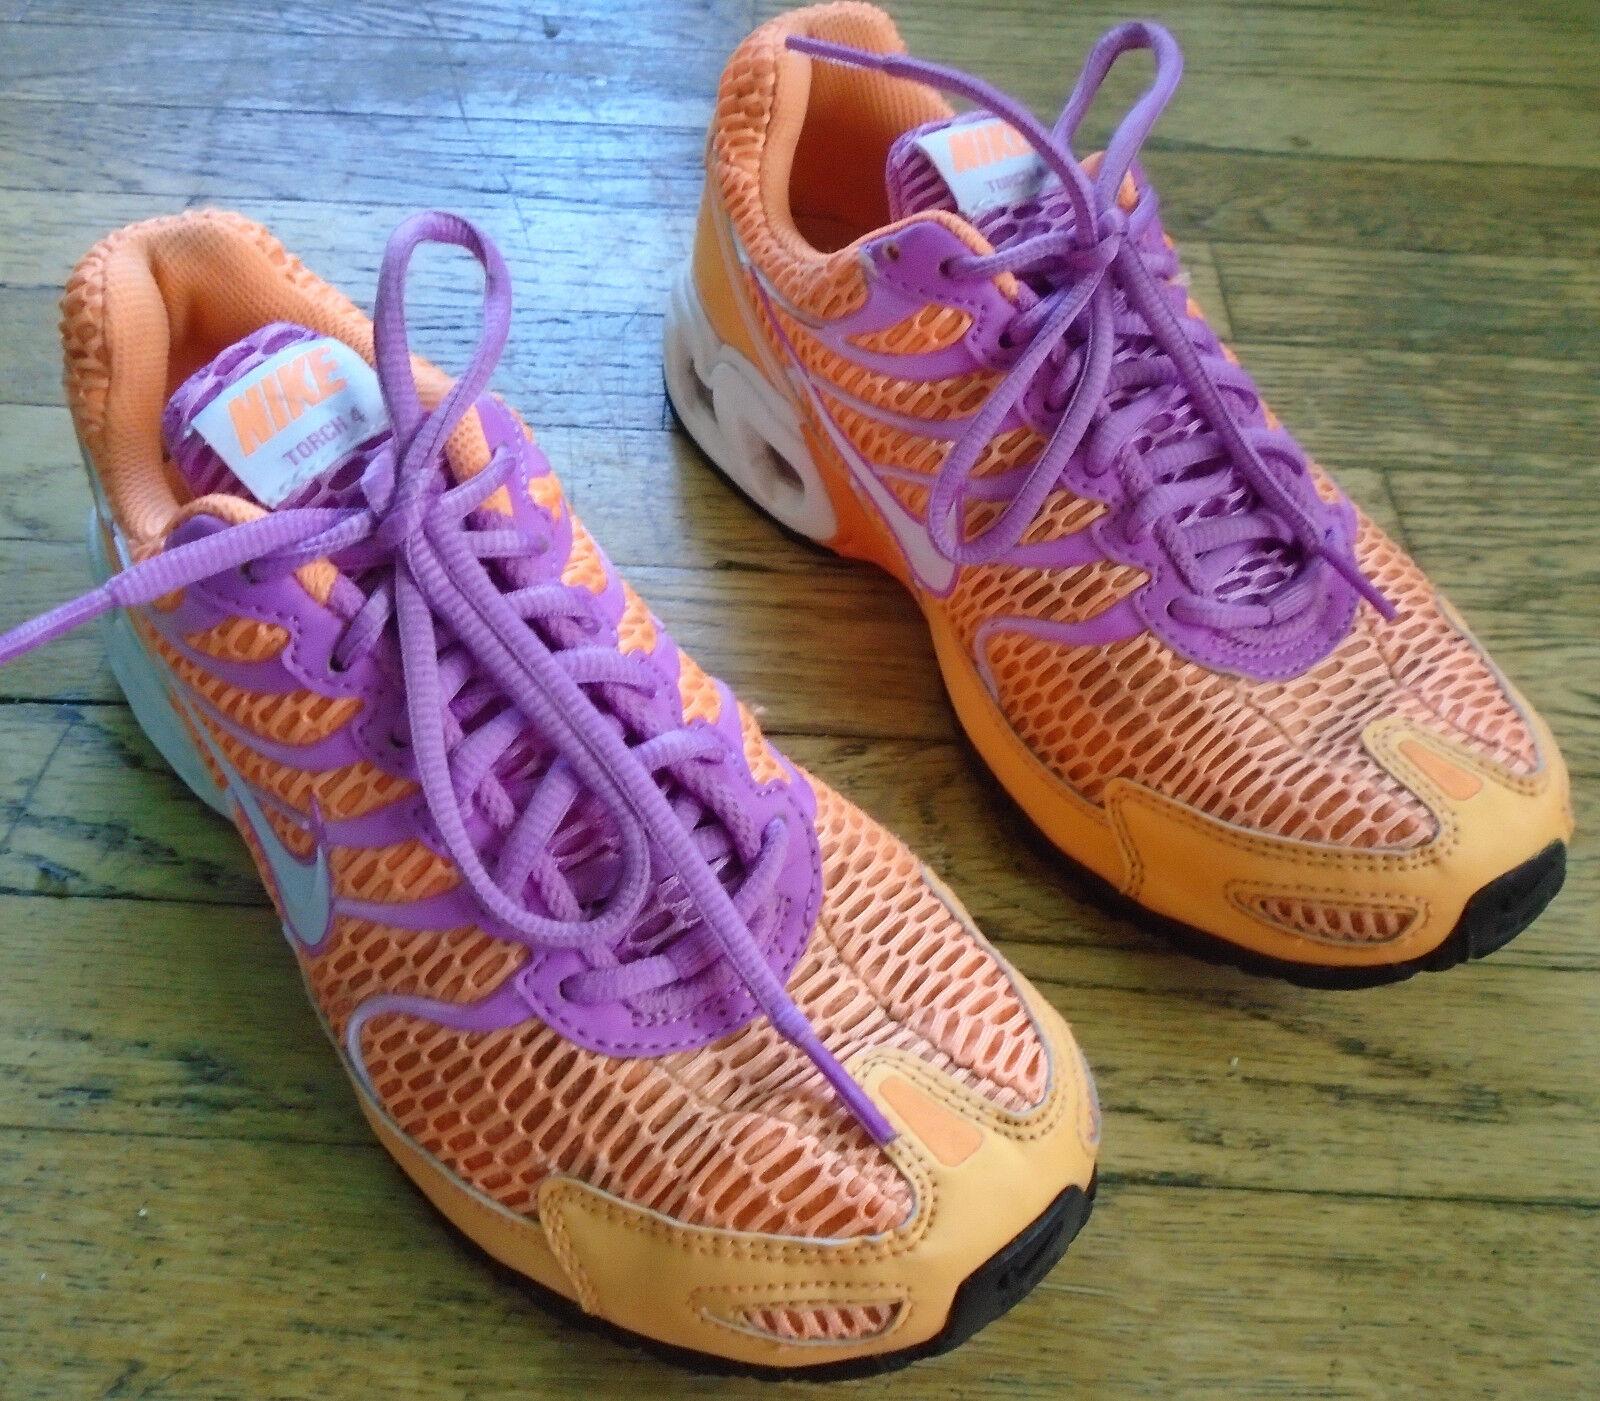 Nike Air Max Torch 4 Atomic Orange Violet Womens Price reduction